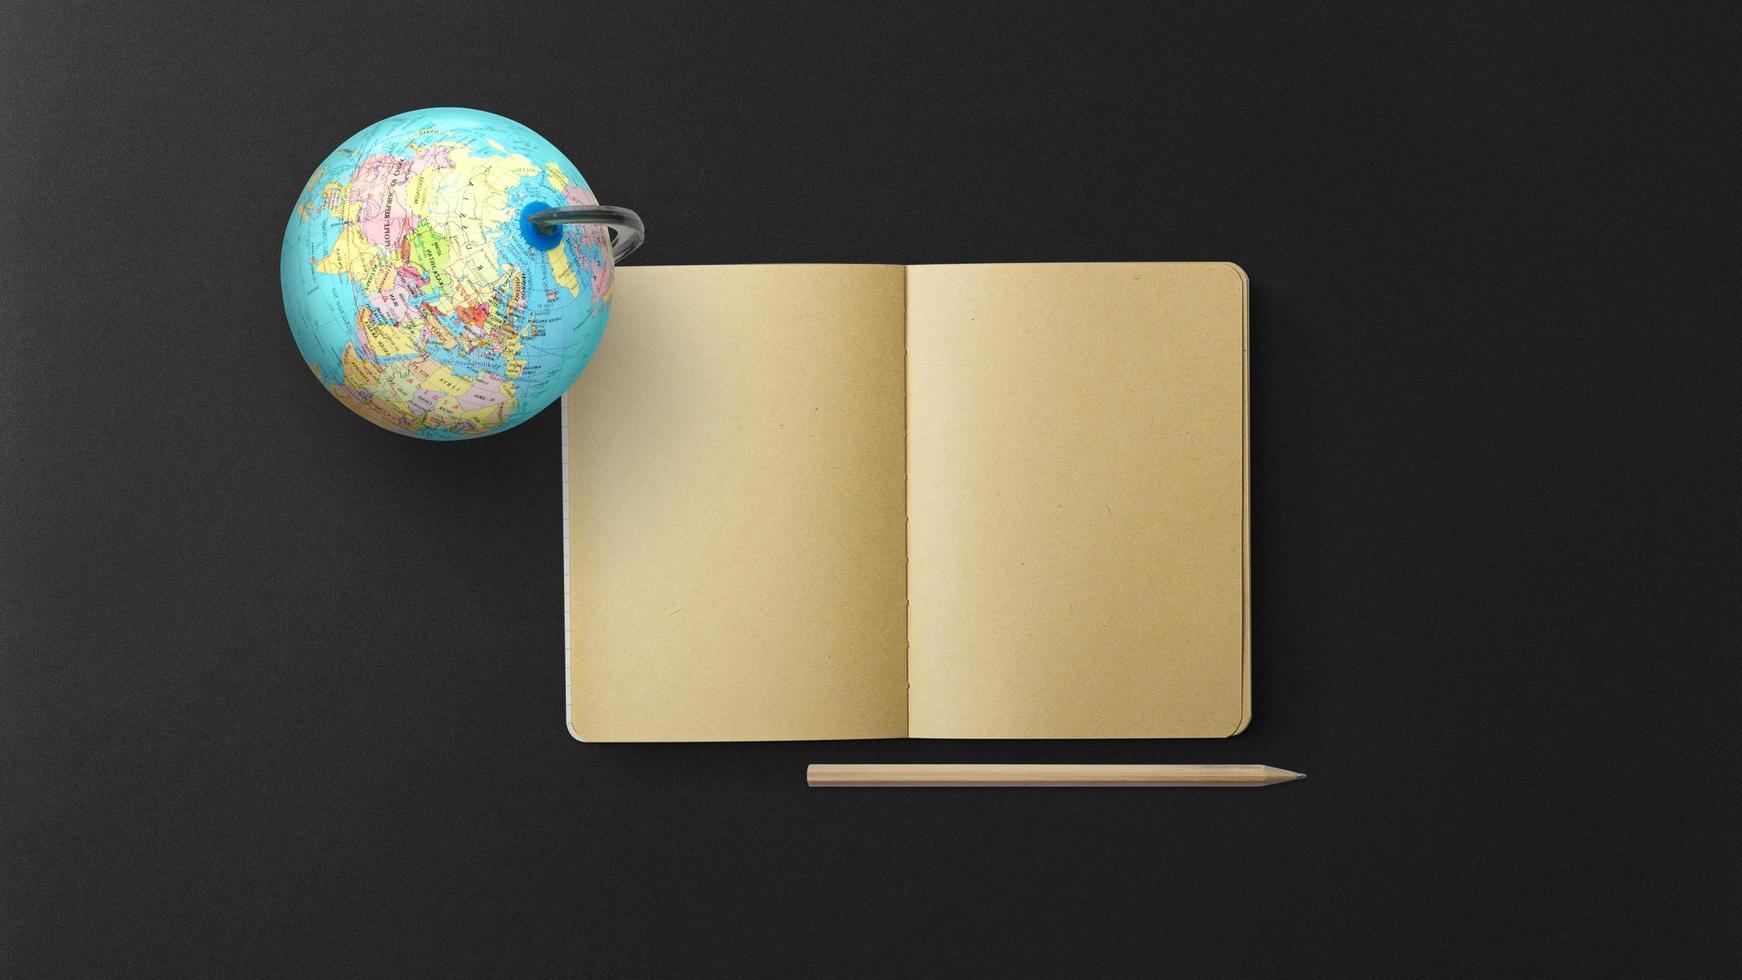 jordglob med anteckningsbok och penna på svart bakgrund foto